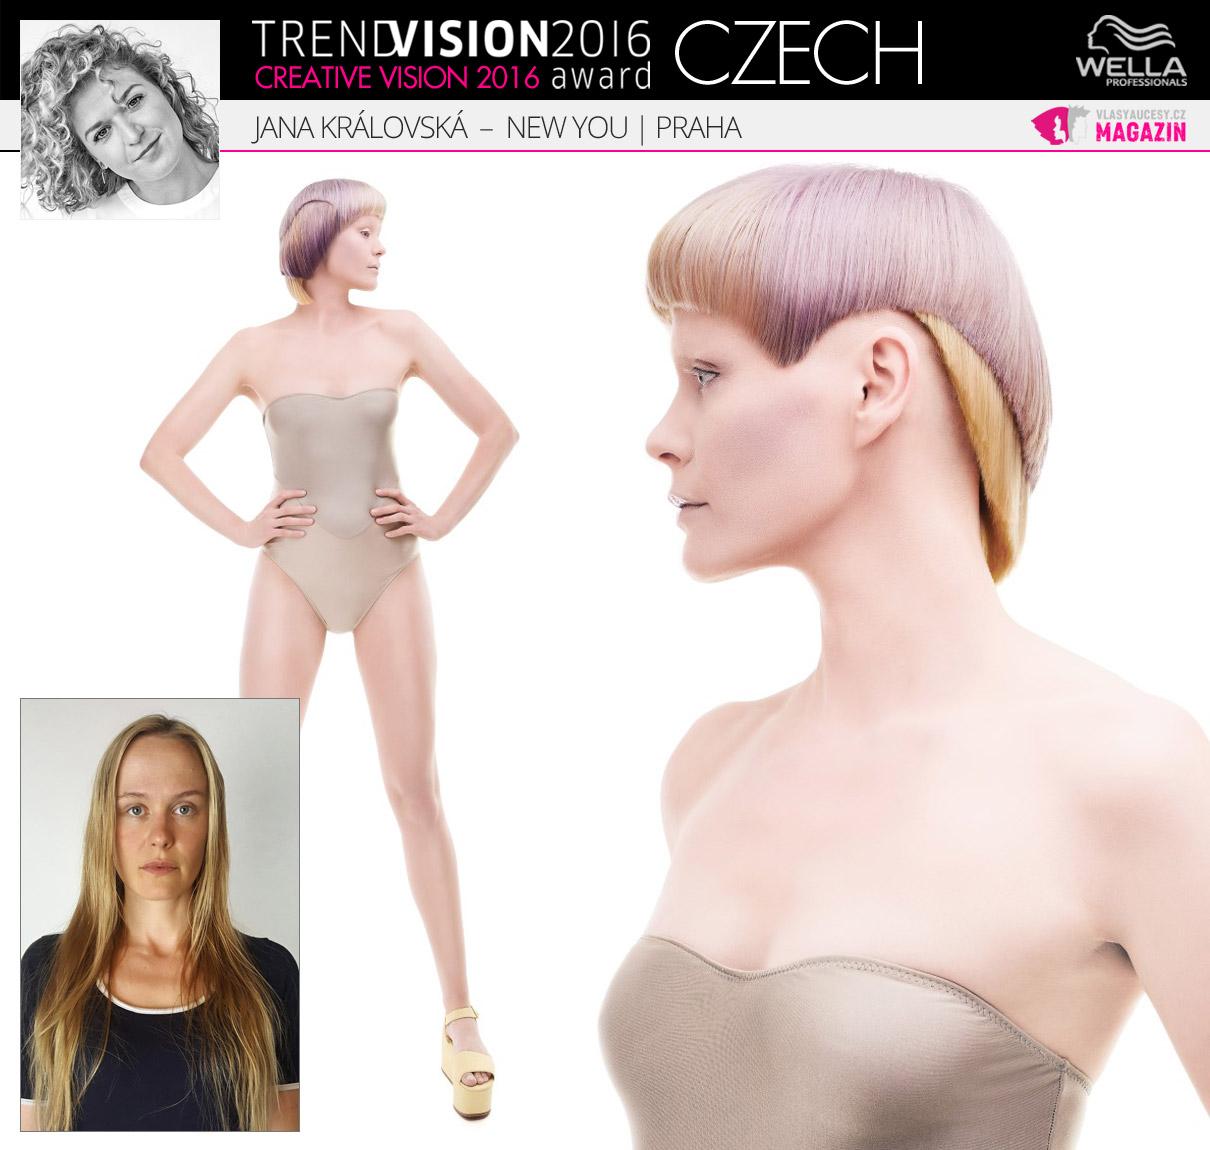 Jana Královská, New You, Praha –Wella Professionals Trend Vision Award Česká republika, kategorie Creative Vision 2016.